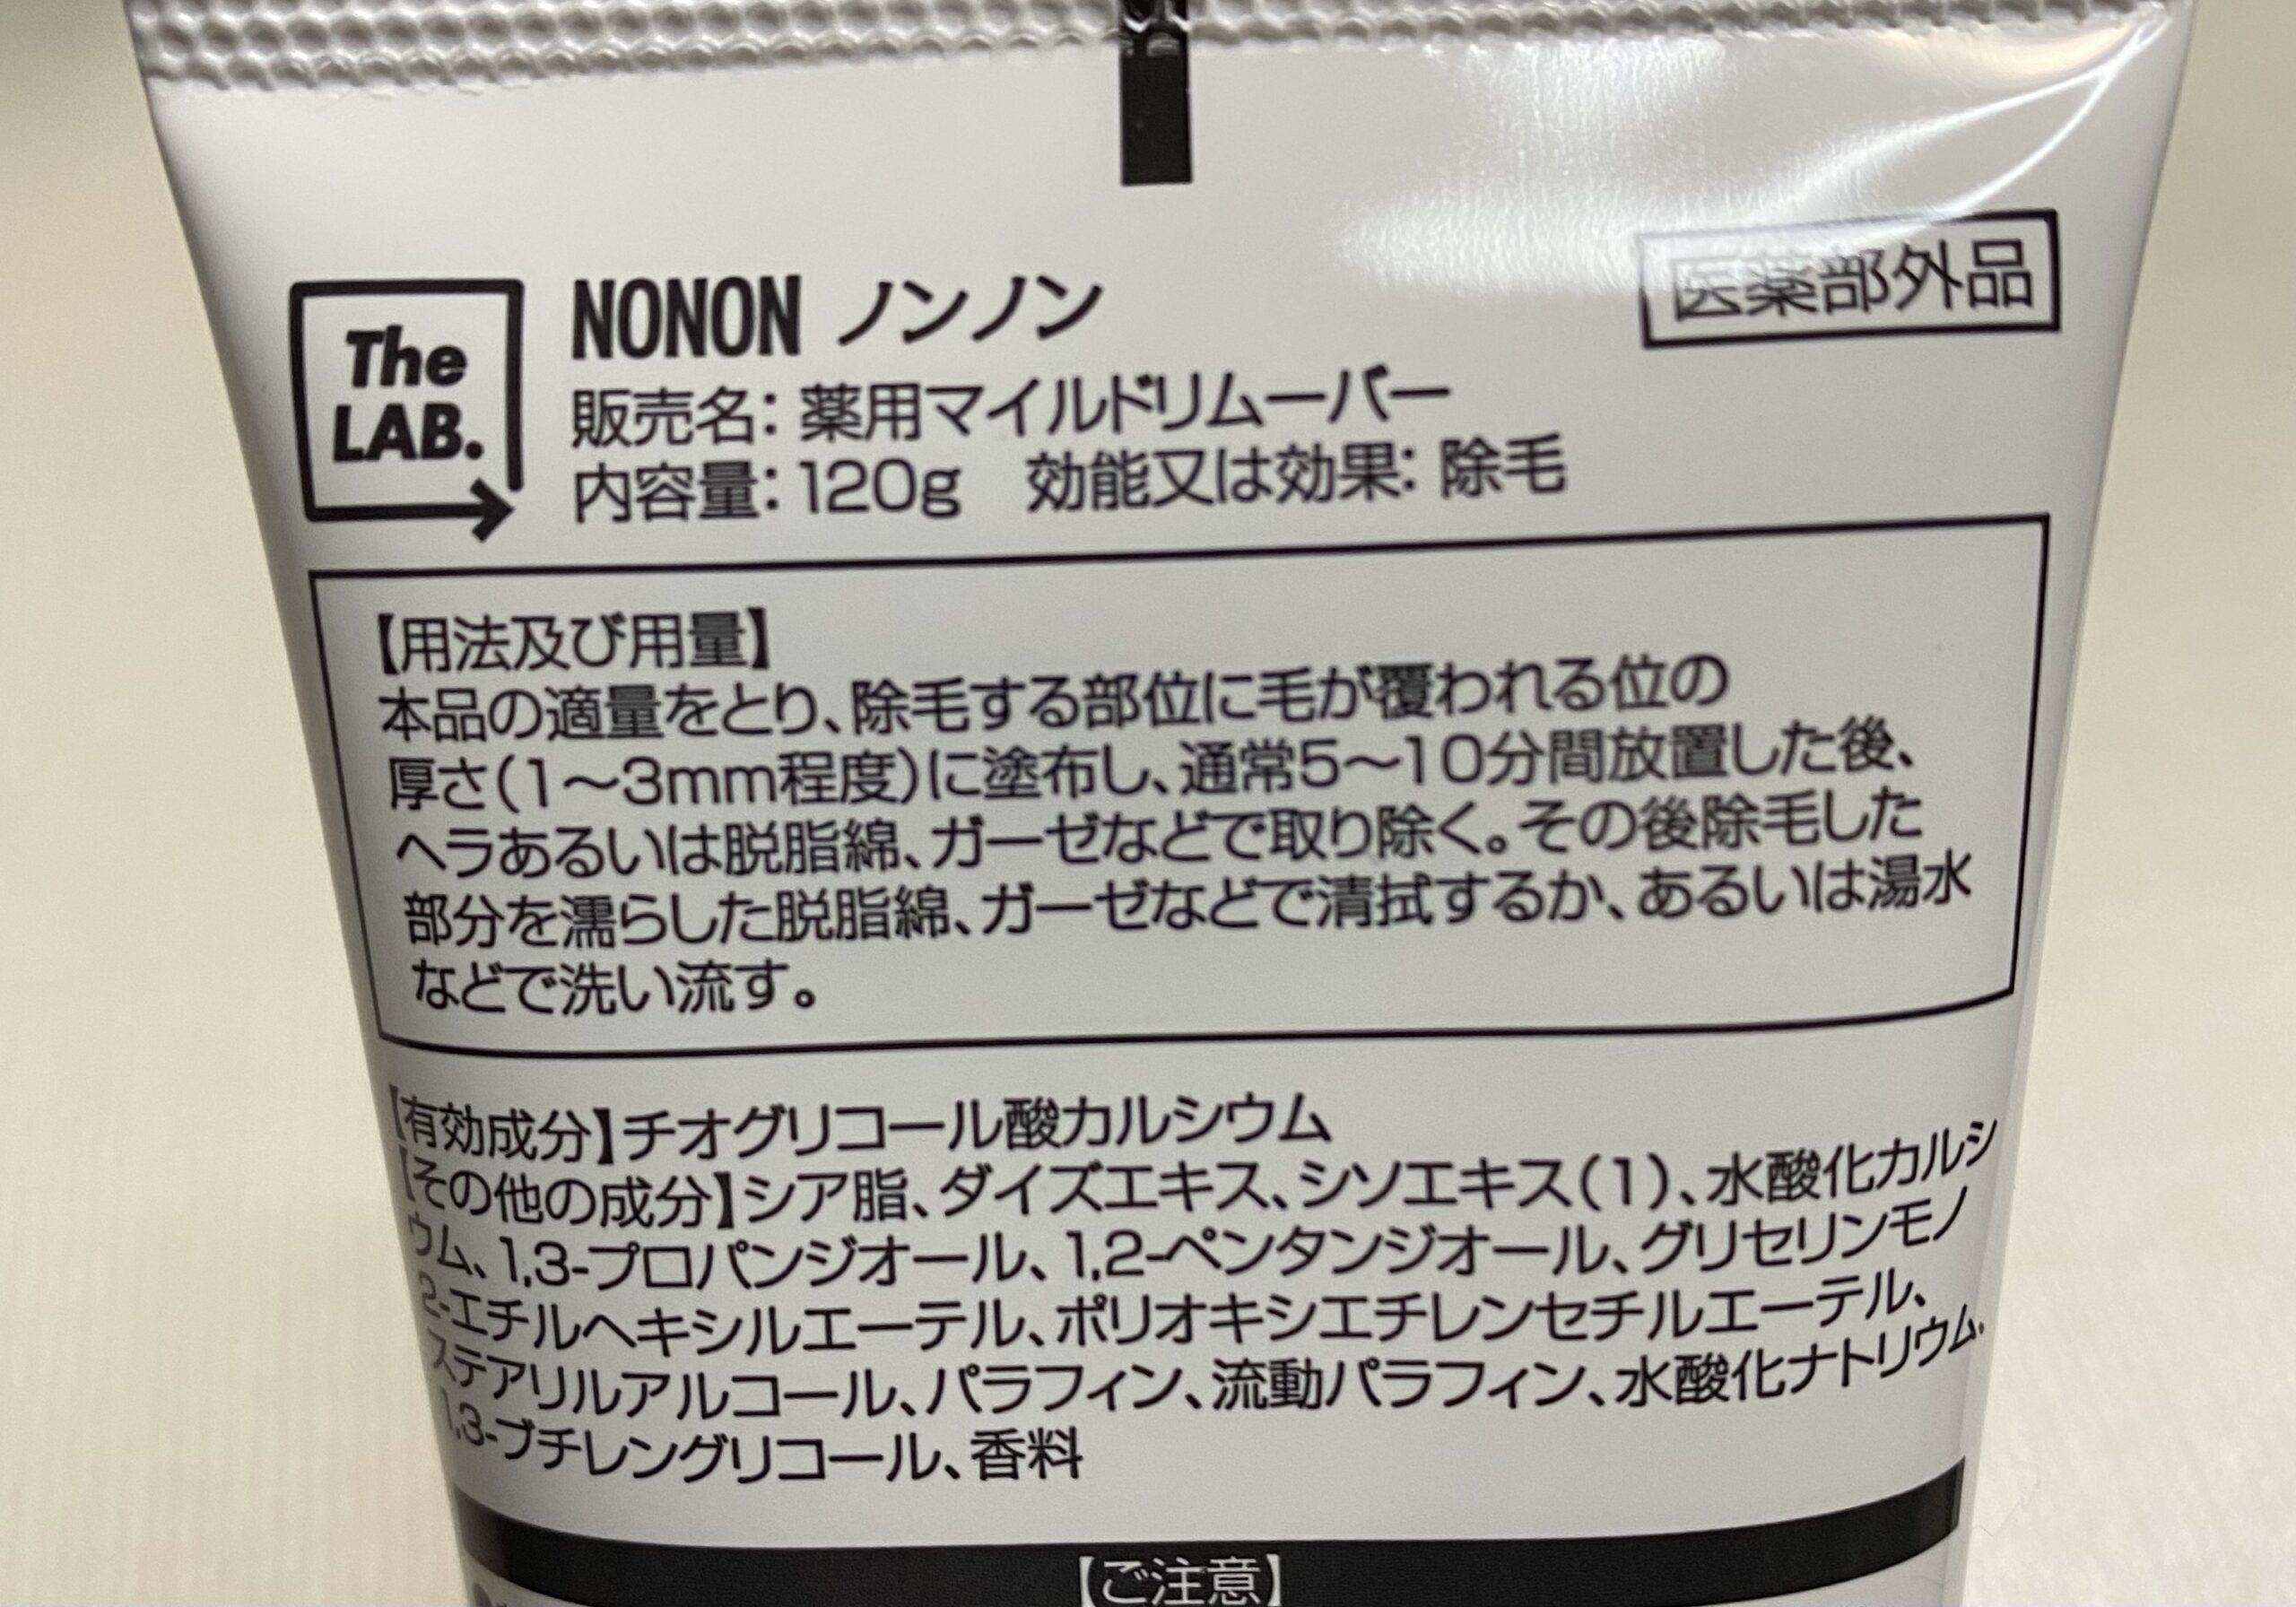 NONON2